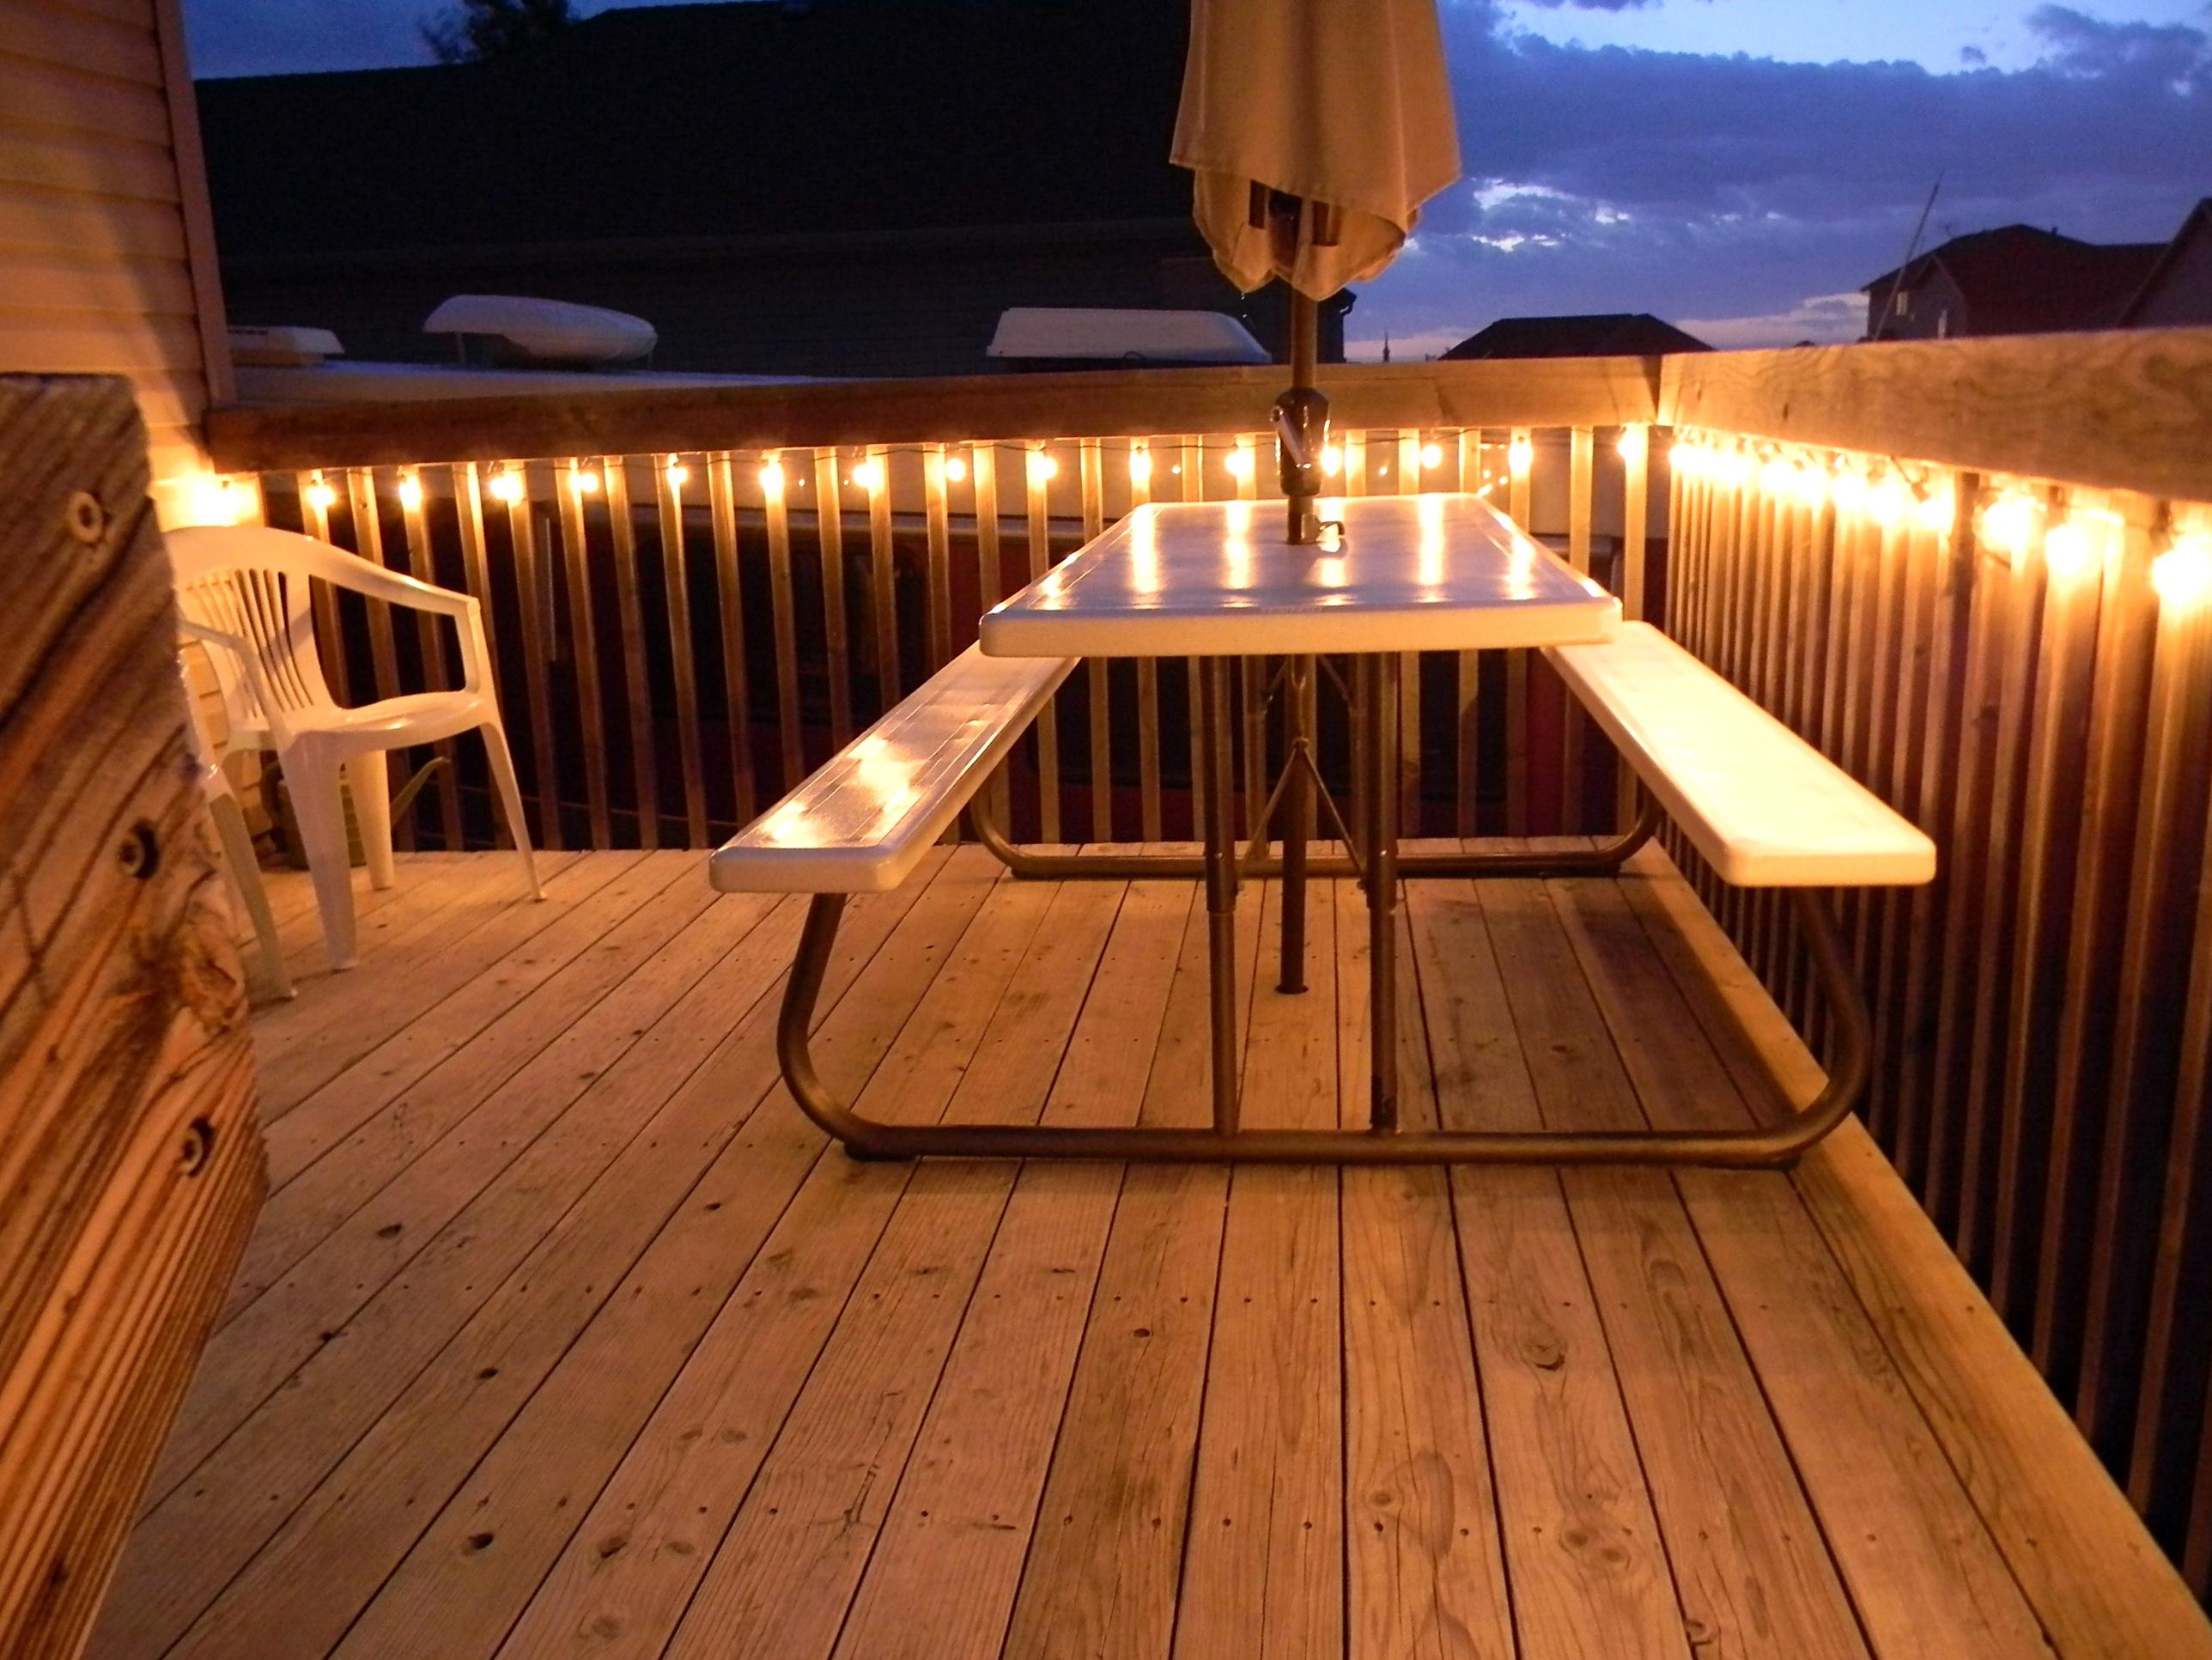 Patio Or Deck Cheaper